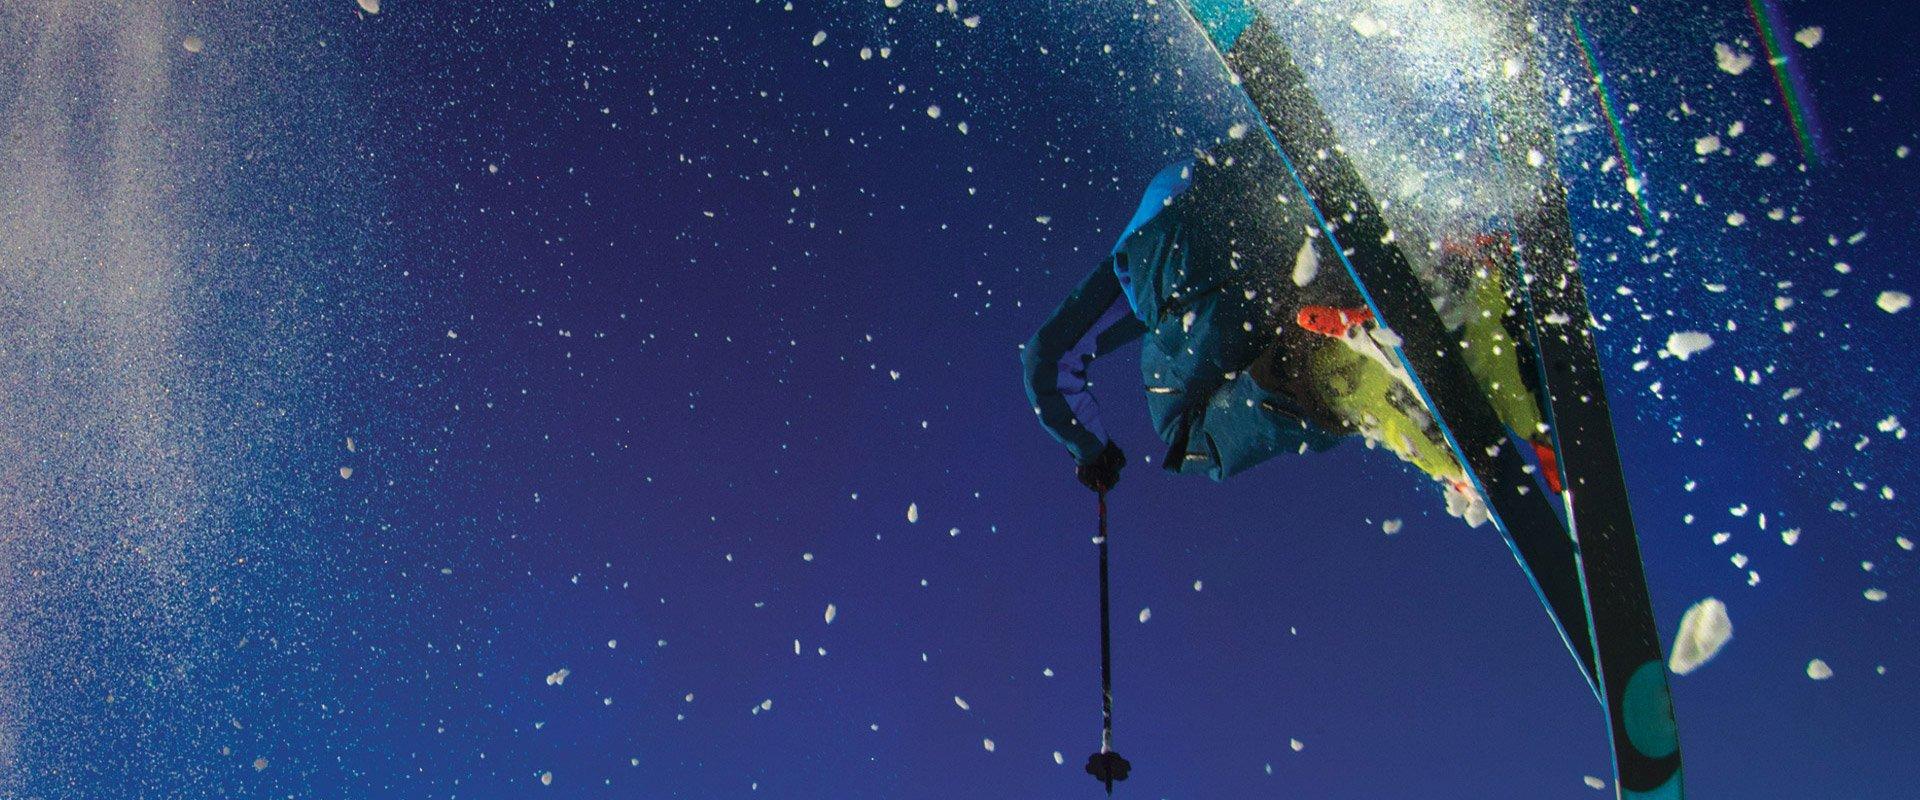 vimff 2019 ubc ski night title bg